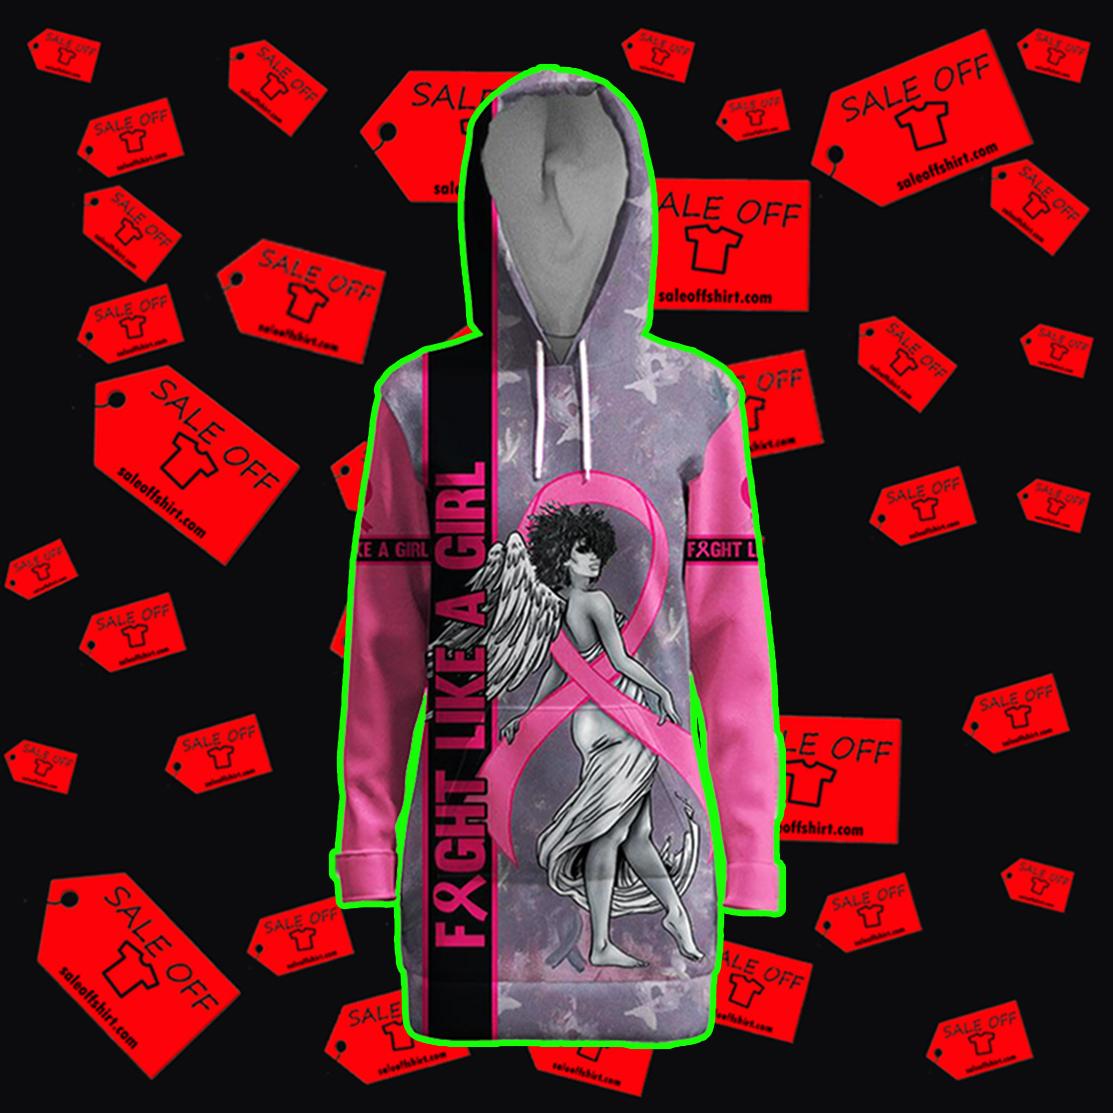 Fight Like A Girl Angel Breast Cancer Awareness Hoodie 3D, T-shirt 3D, Sweatshirt - Hooded dress 3D